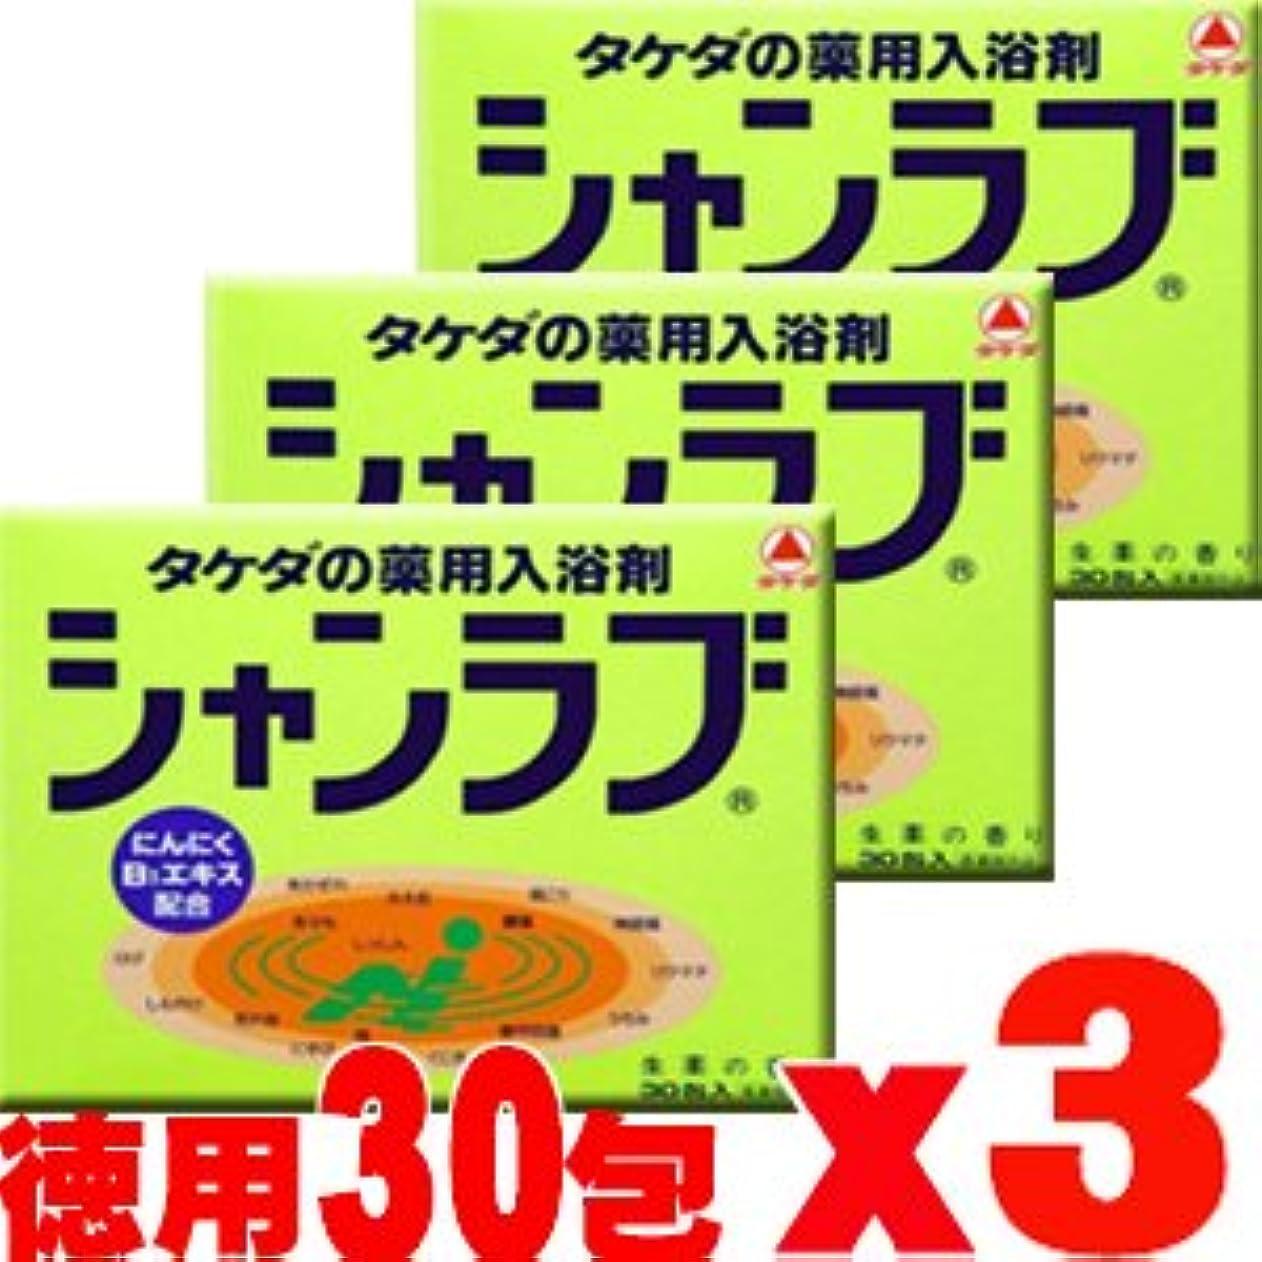 マーガレットミッチェルヘルメットせせらぎ【3個】 シャンラブ 生薬の香り (30g×30包)x3個 (4987123129640)